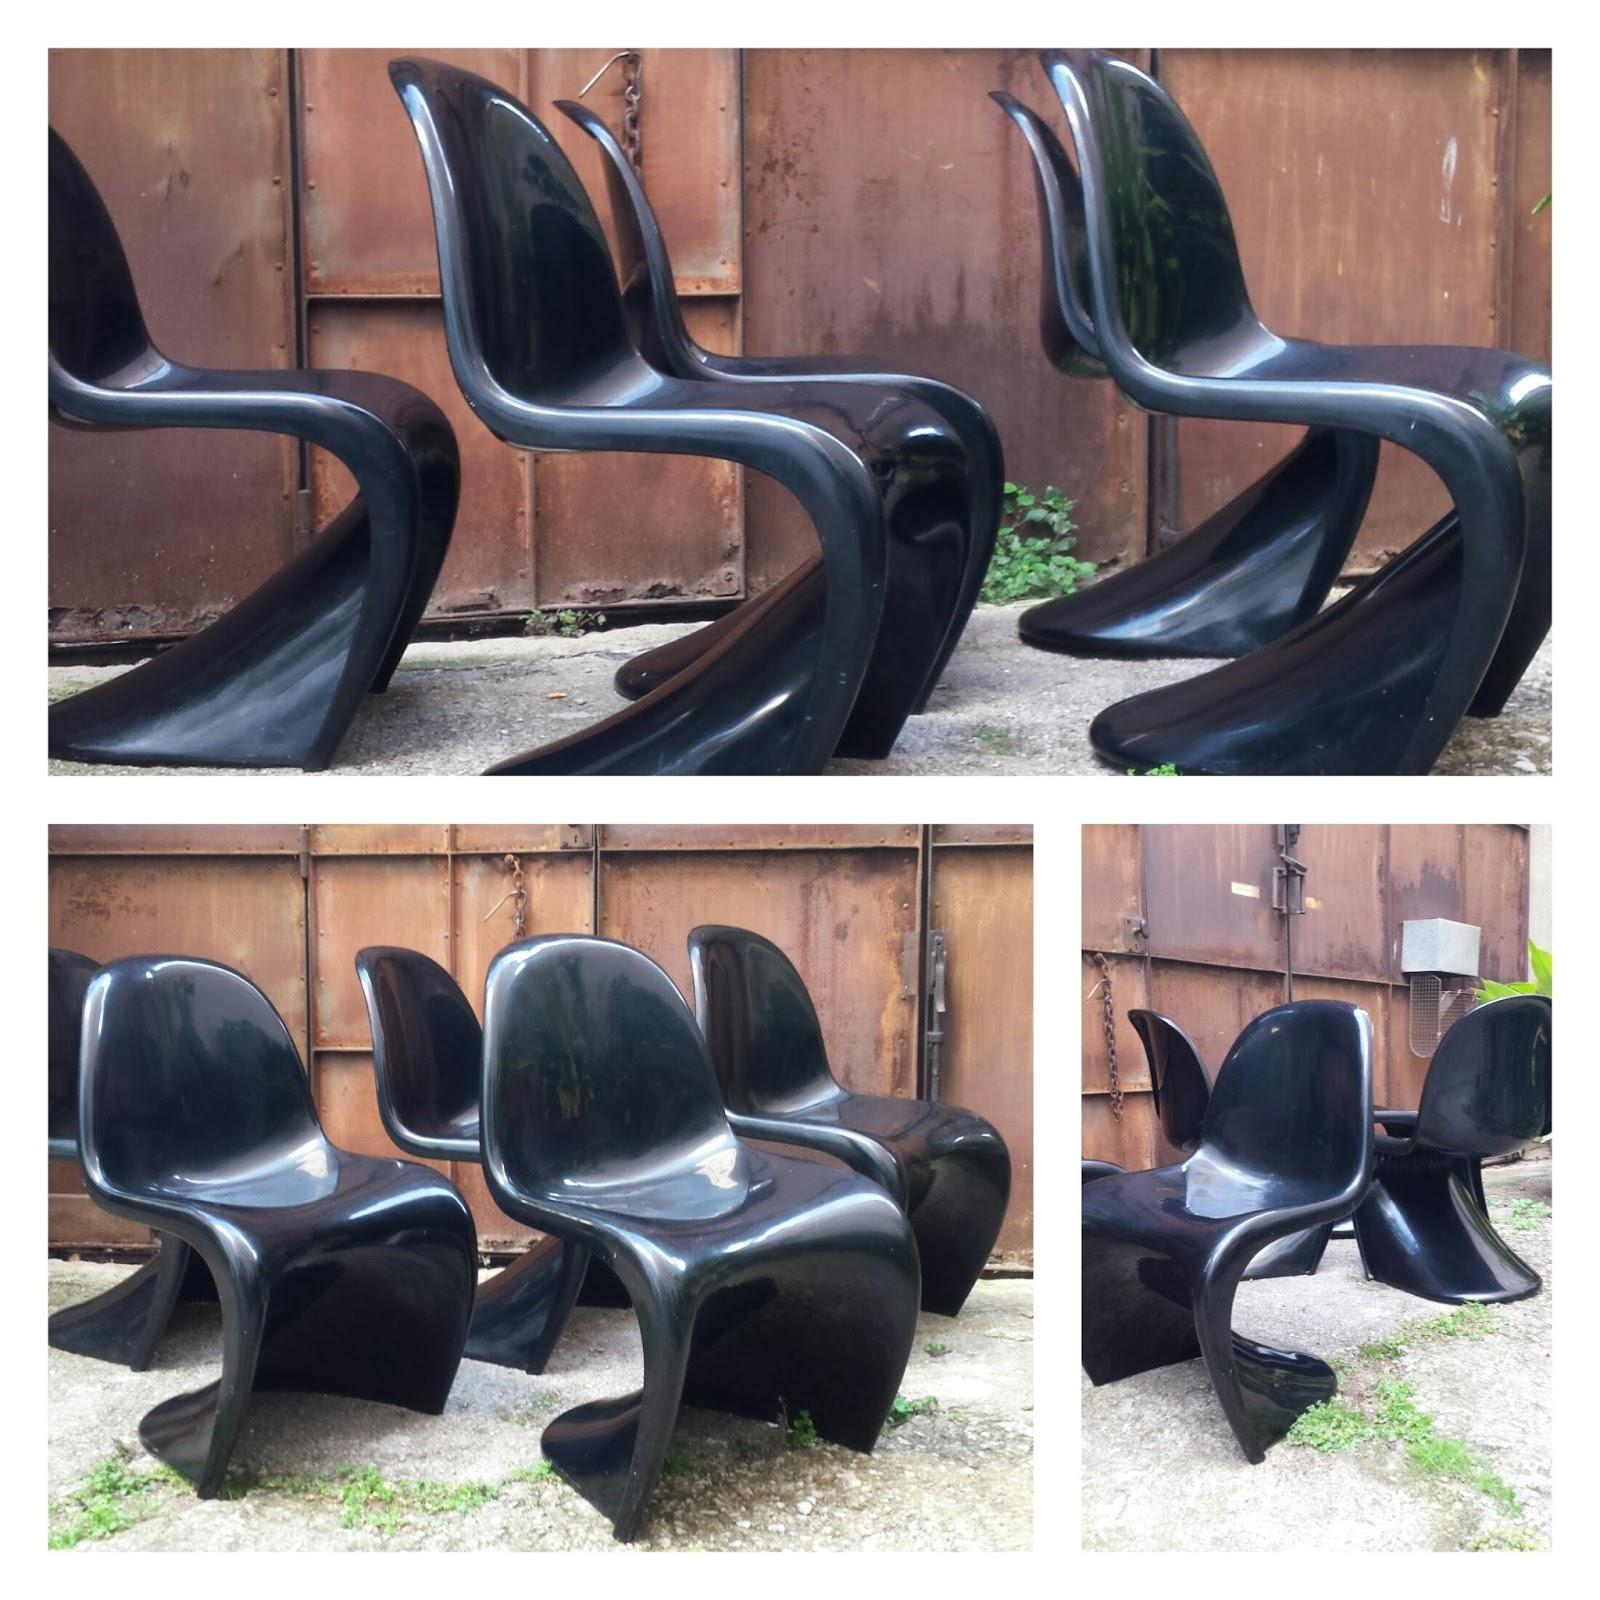 Encantsvintage sillas panton originales ref s003 - Sillas originales ...